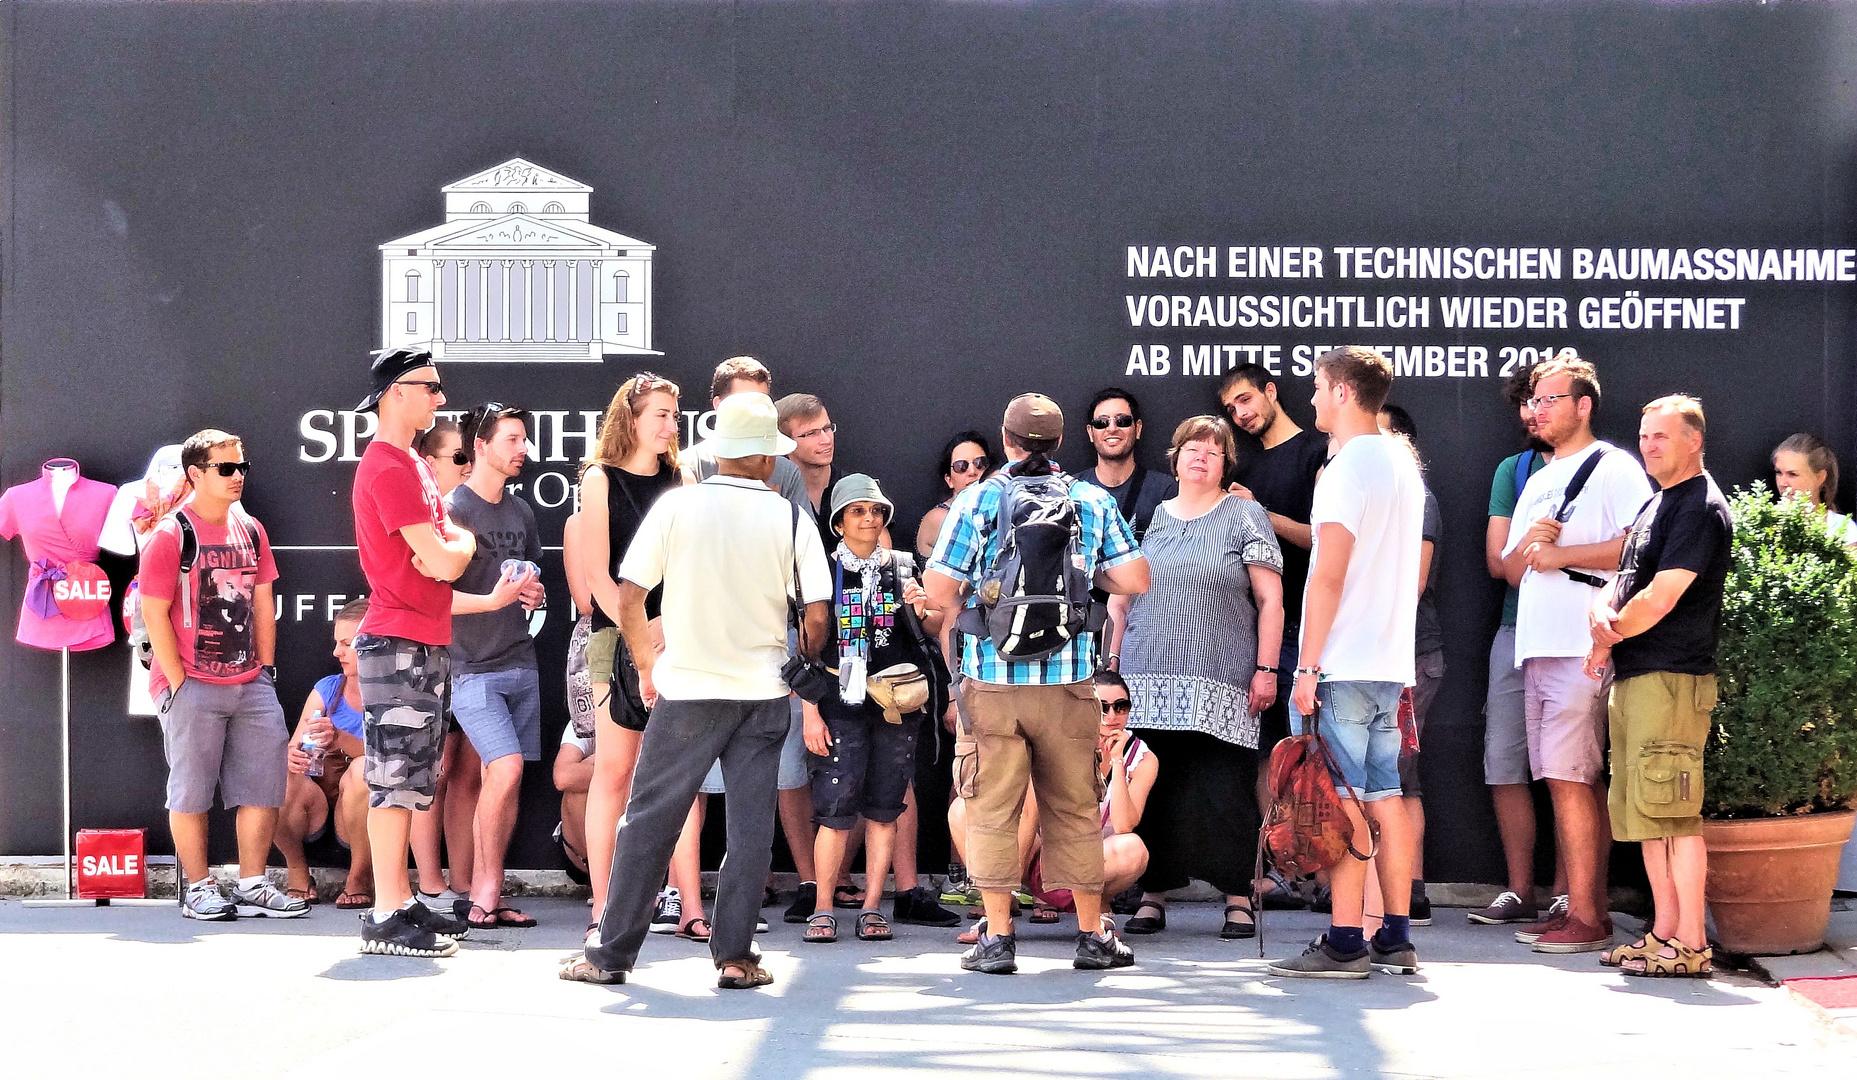 touristenunterweisung vor bauzaun